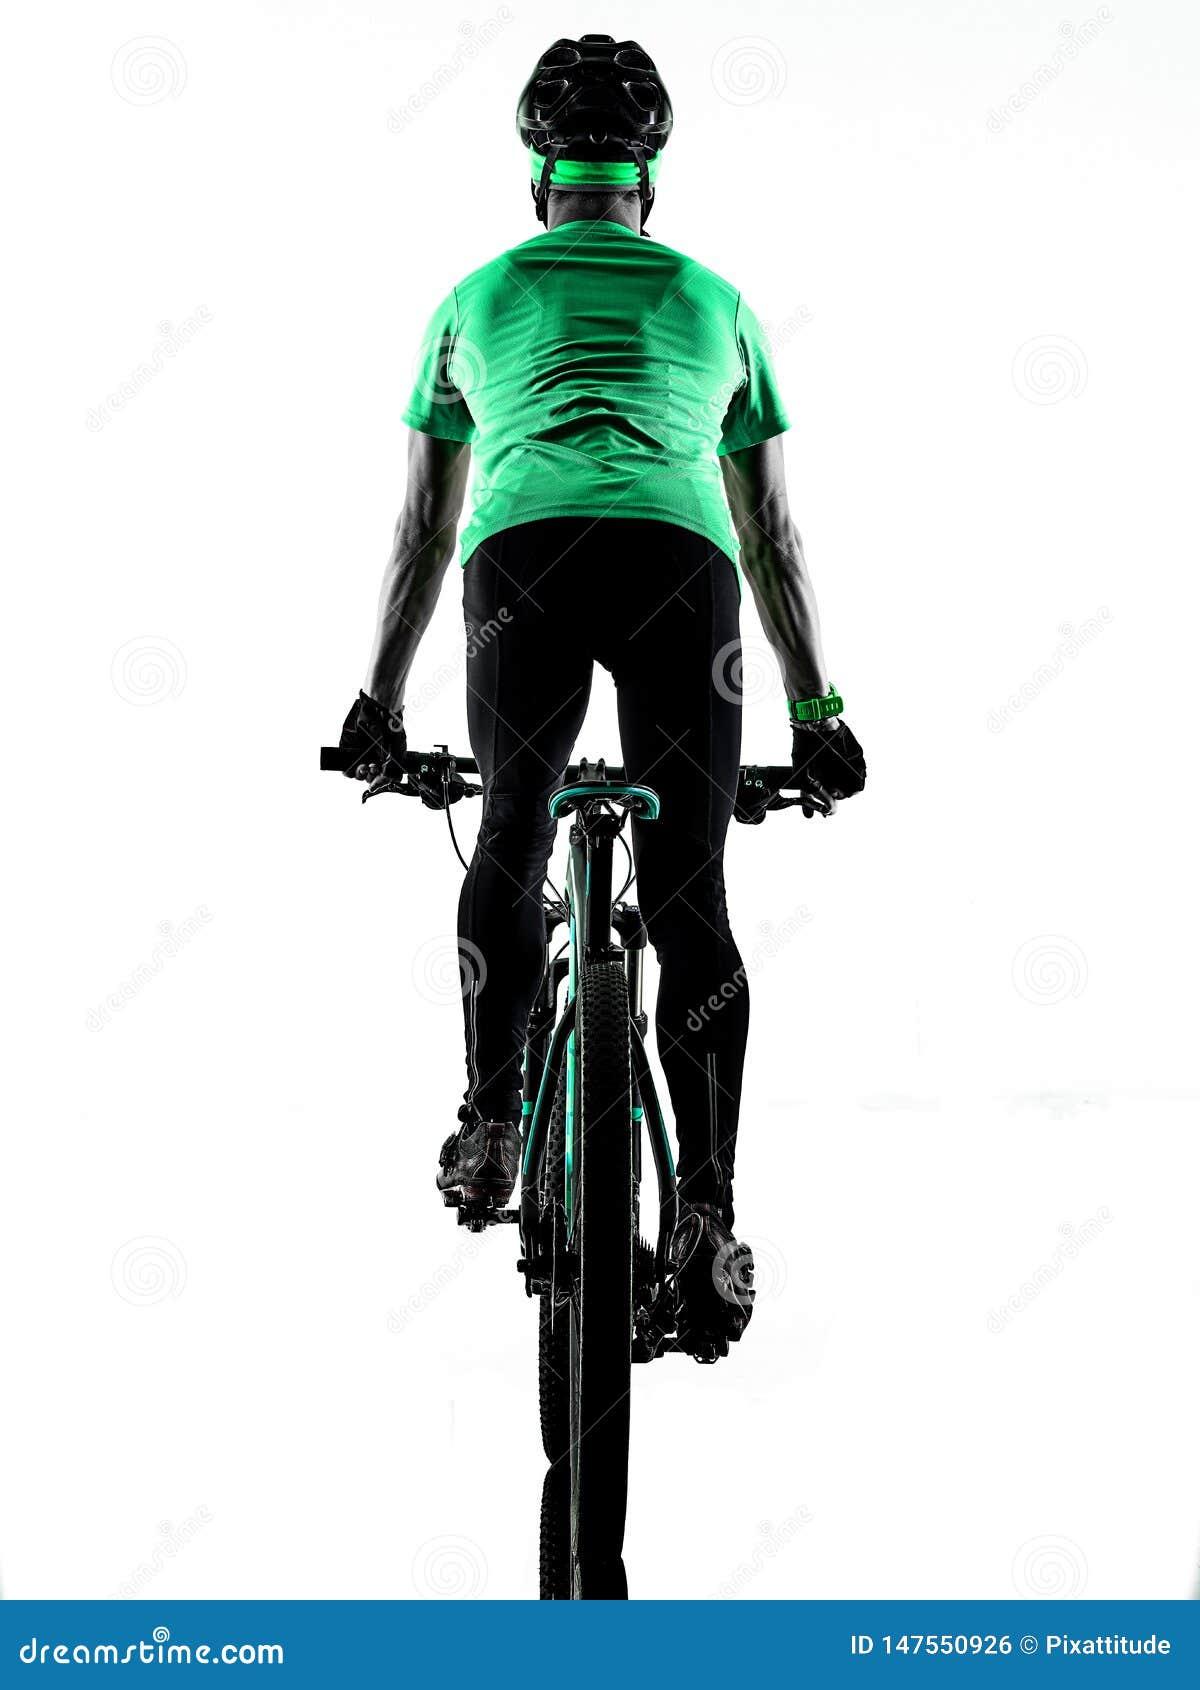 Tenager ch?opiec rower g?rski bking odizolowywaj?cych cienie